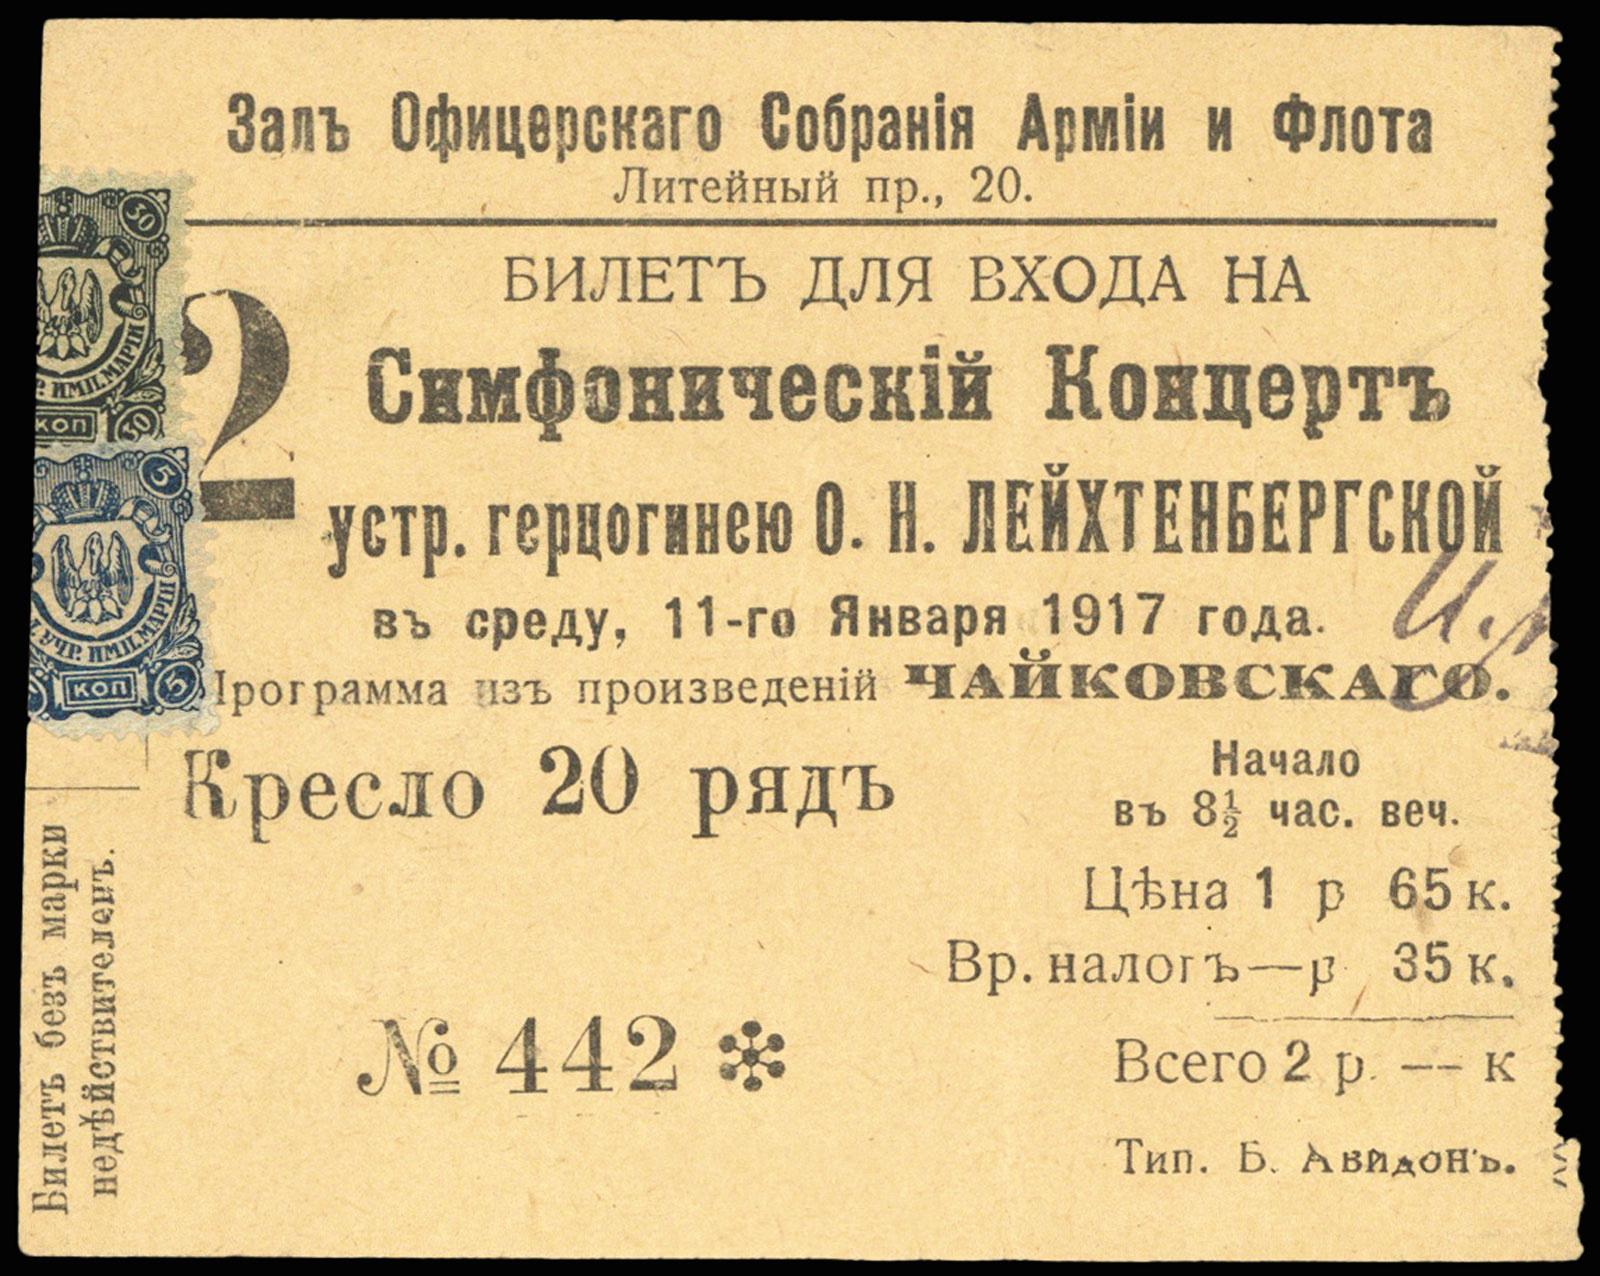 Зал офицерского собрания Армии и Флота. Билет на симфонический концерт. 1917